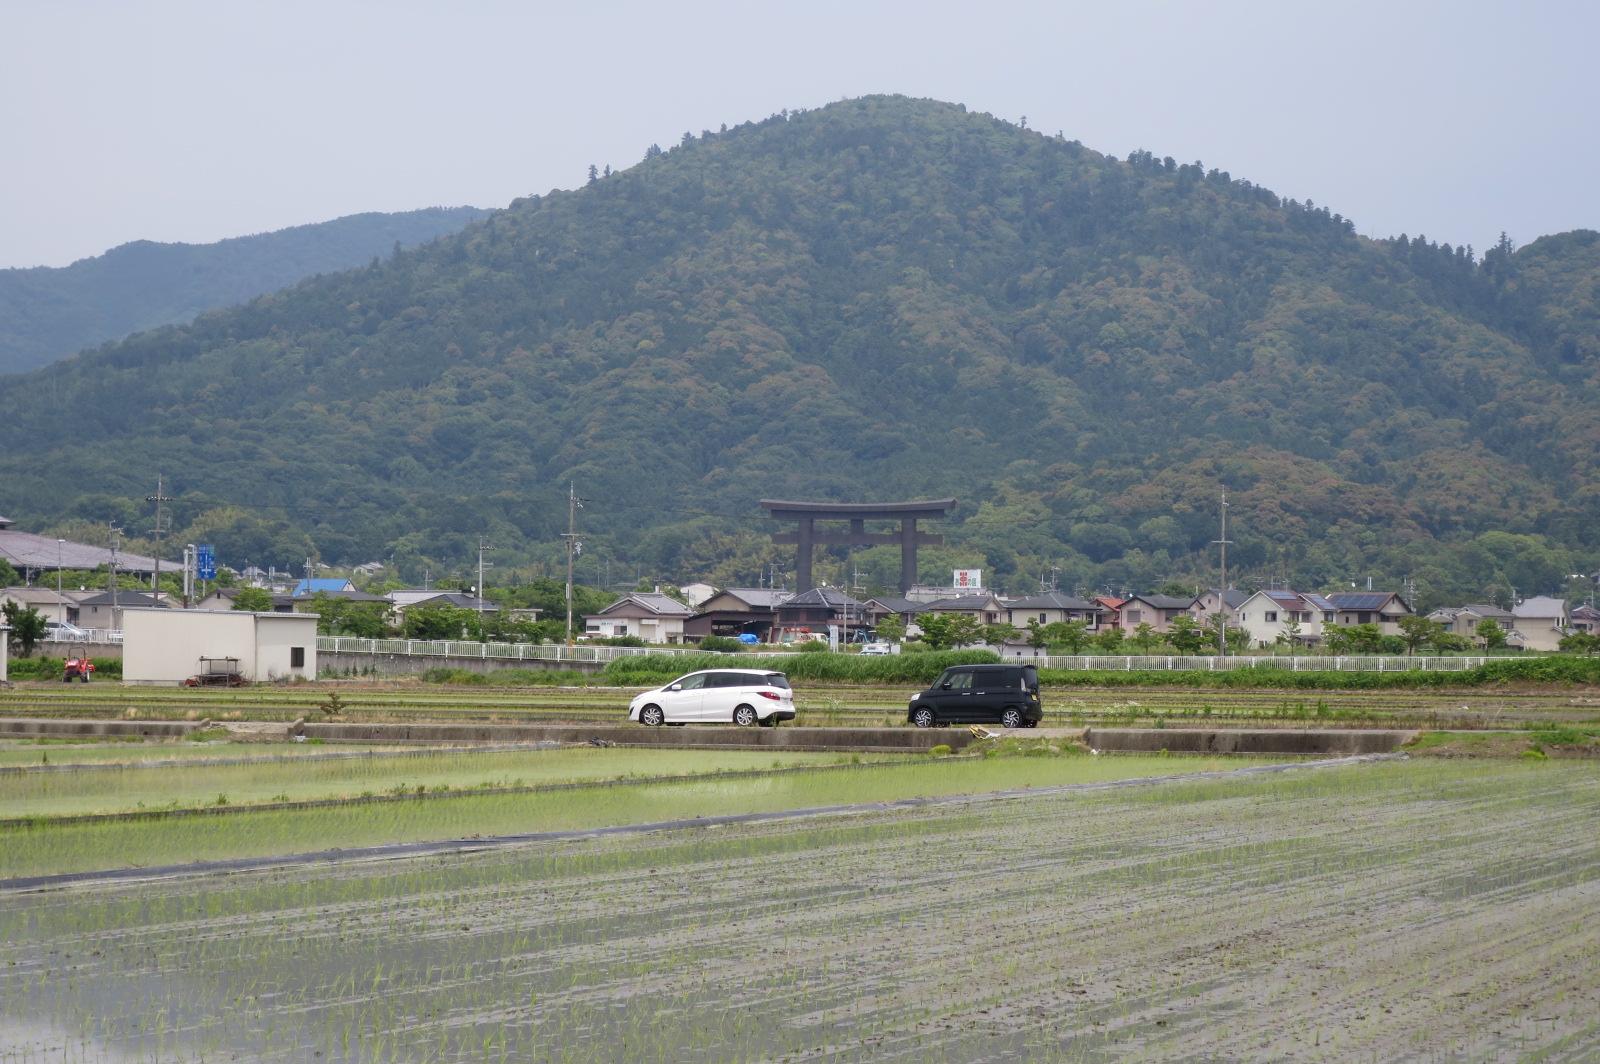 奈良最強のパワースポットと言われる三輪山と大神神社(おおみわじんじゃ)の大鳥居。